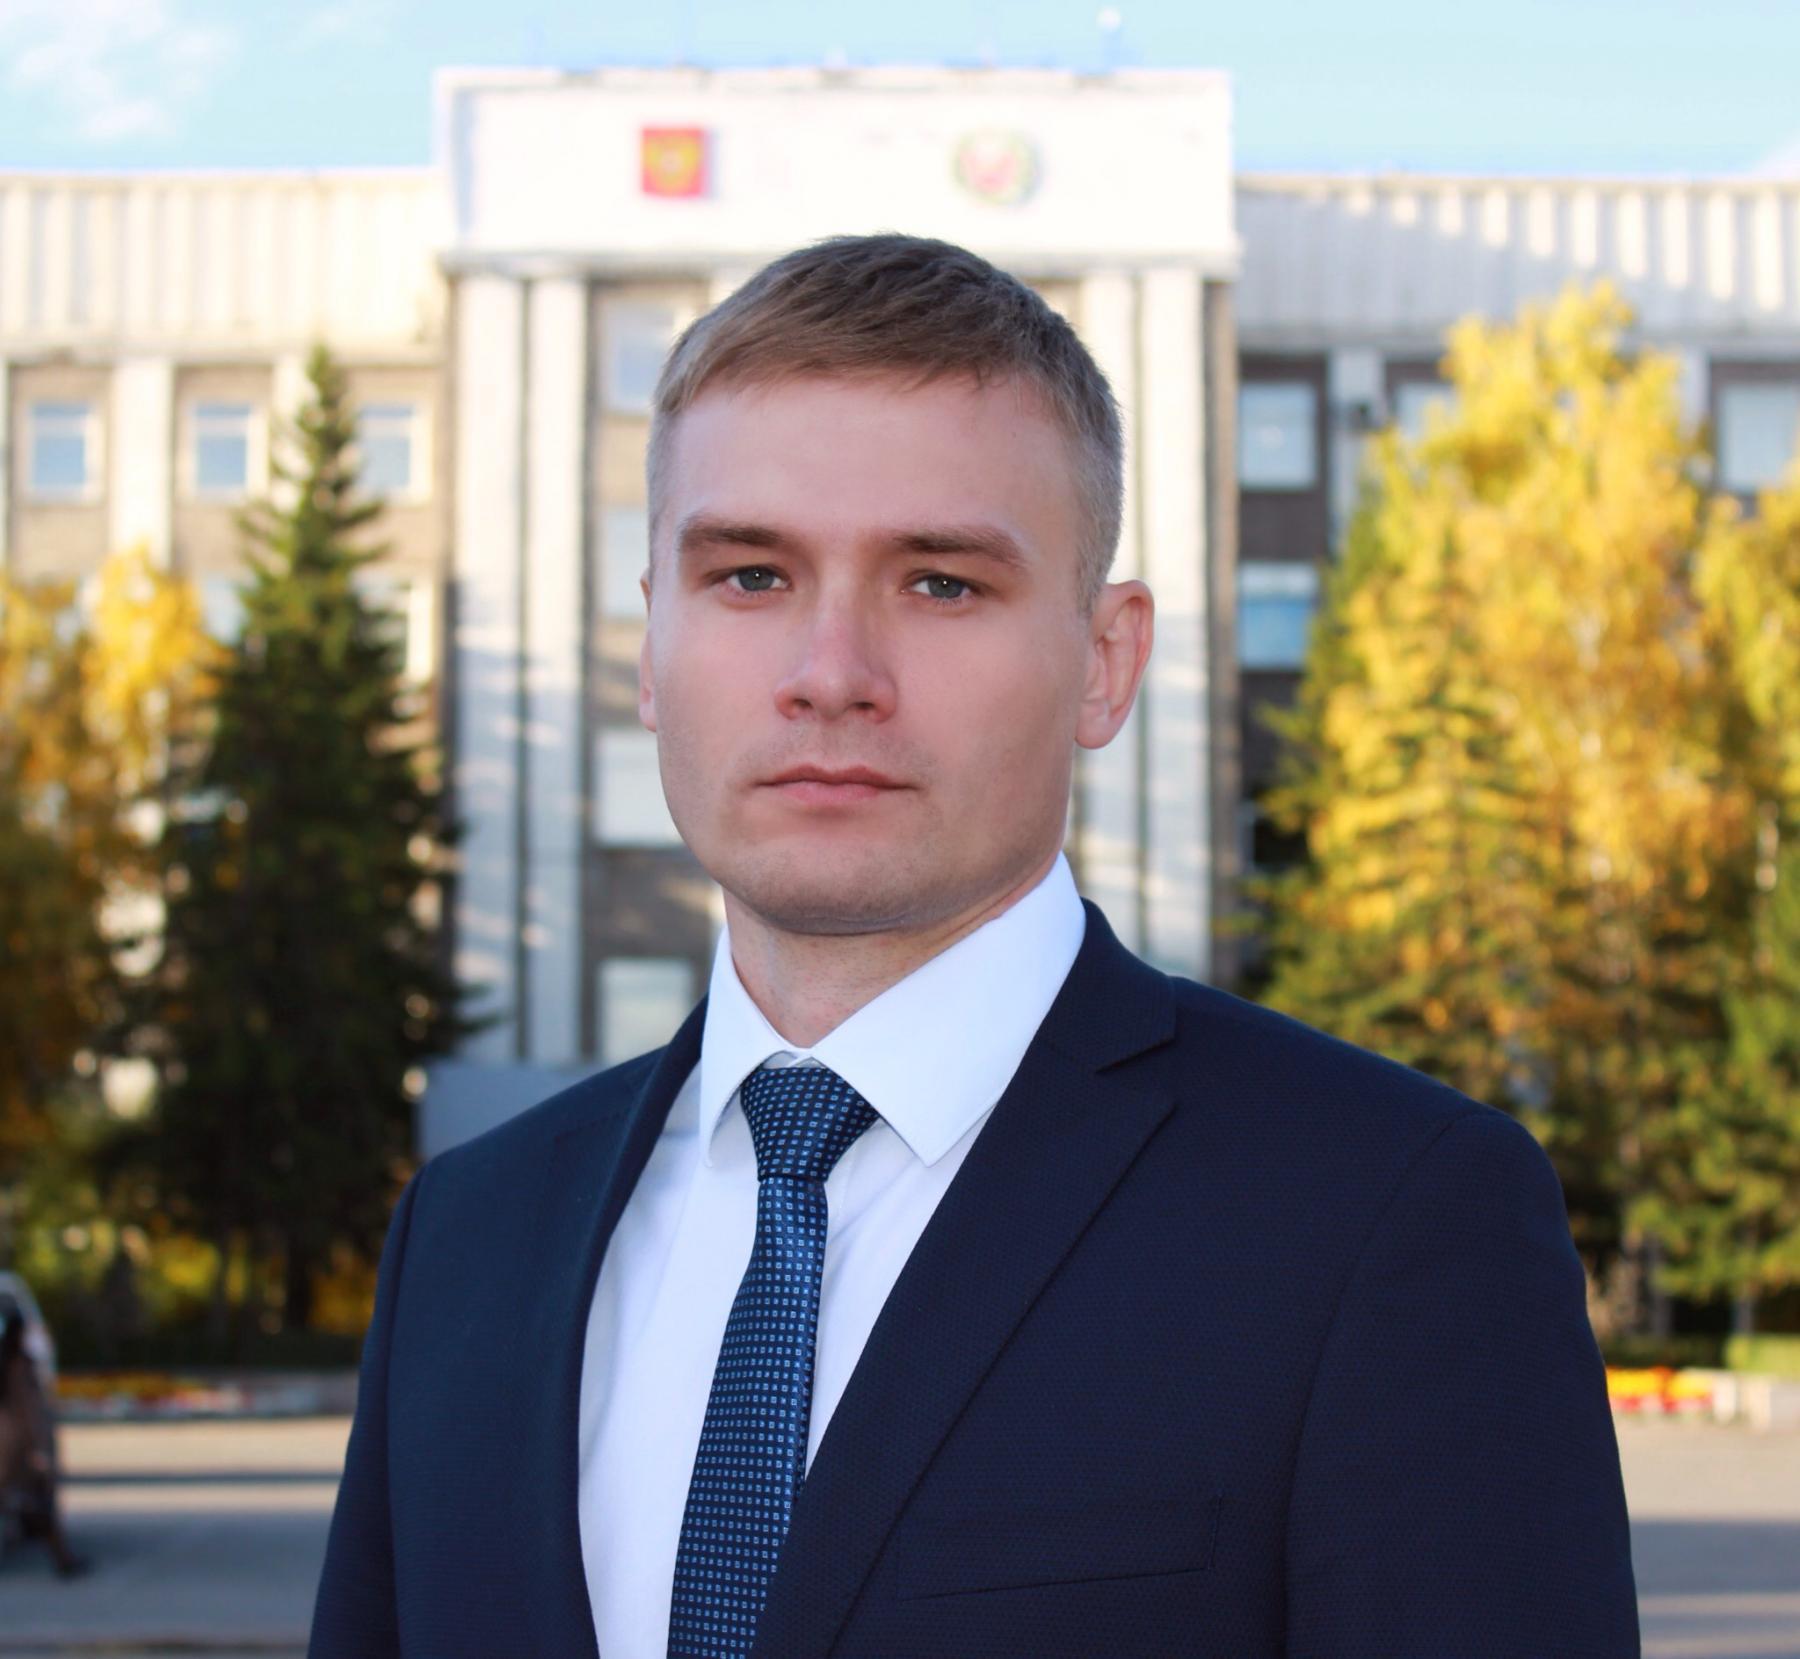 фото Глава сибирского региона занял последнее место в рейтинге губернаторов 2